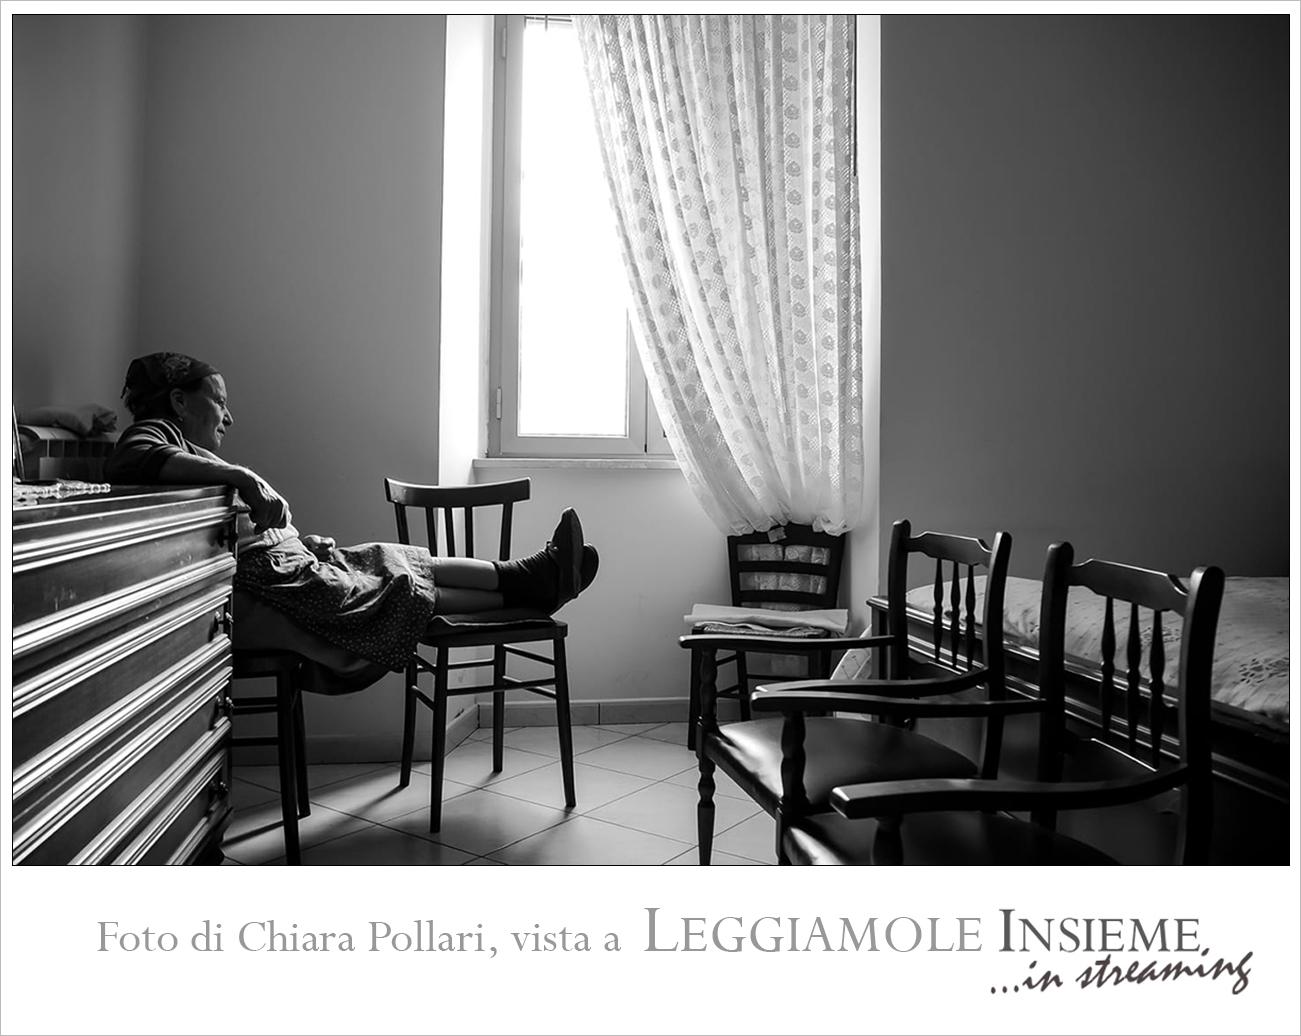 Chiara Pollari